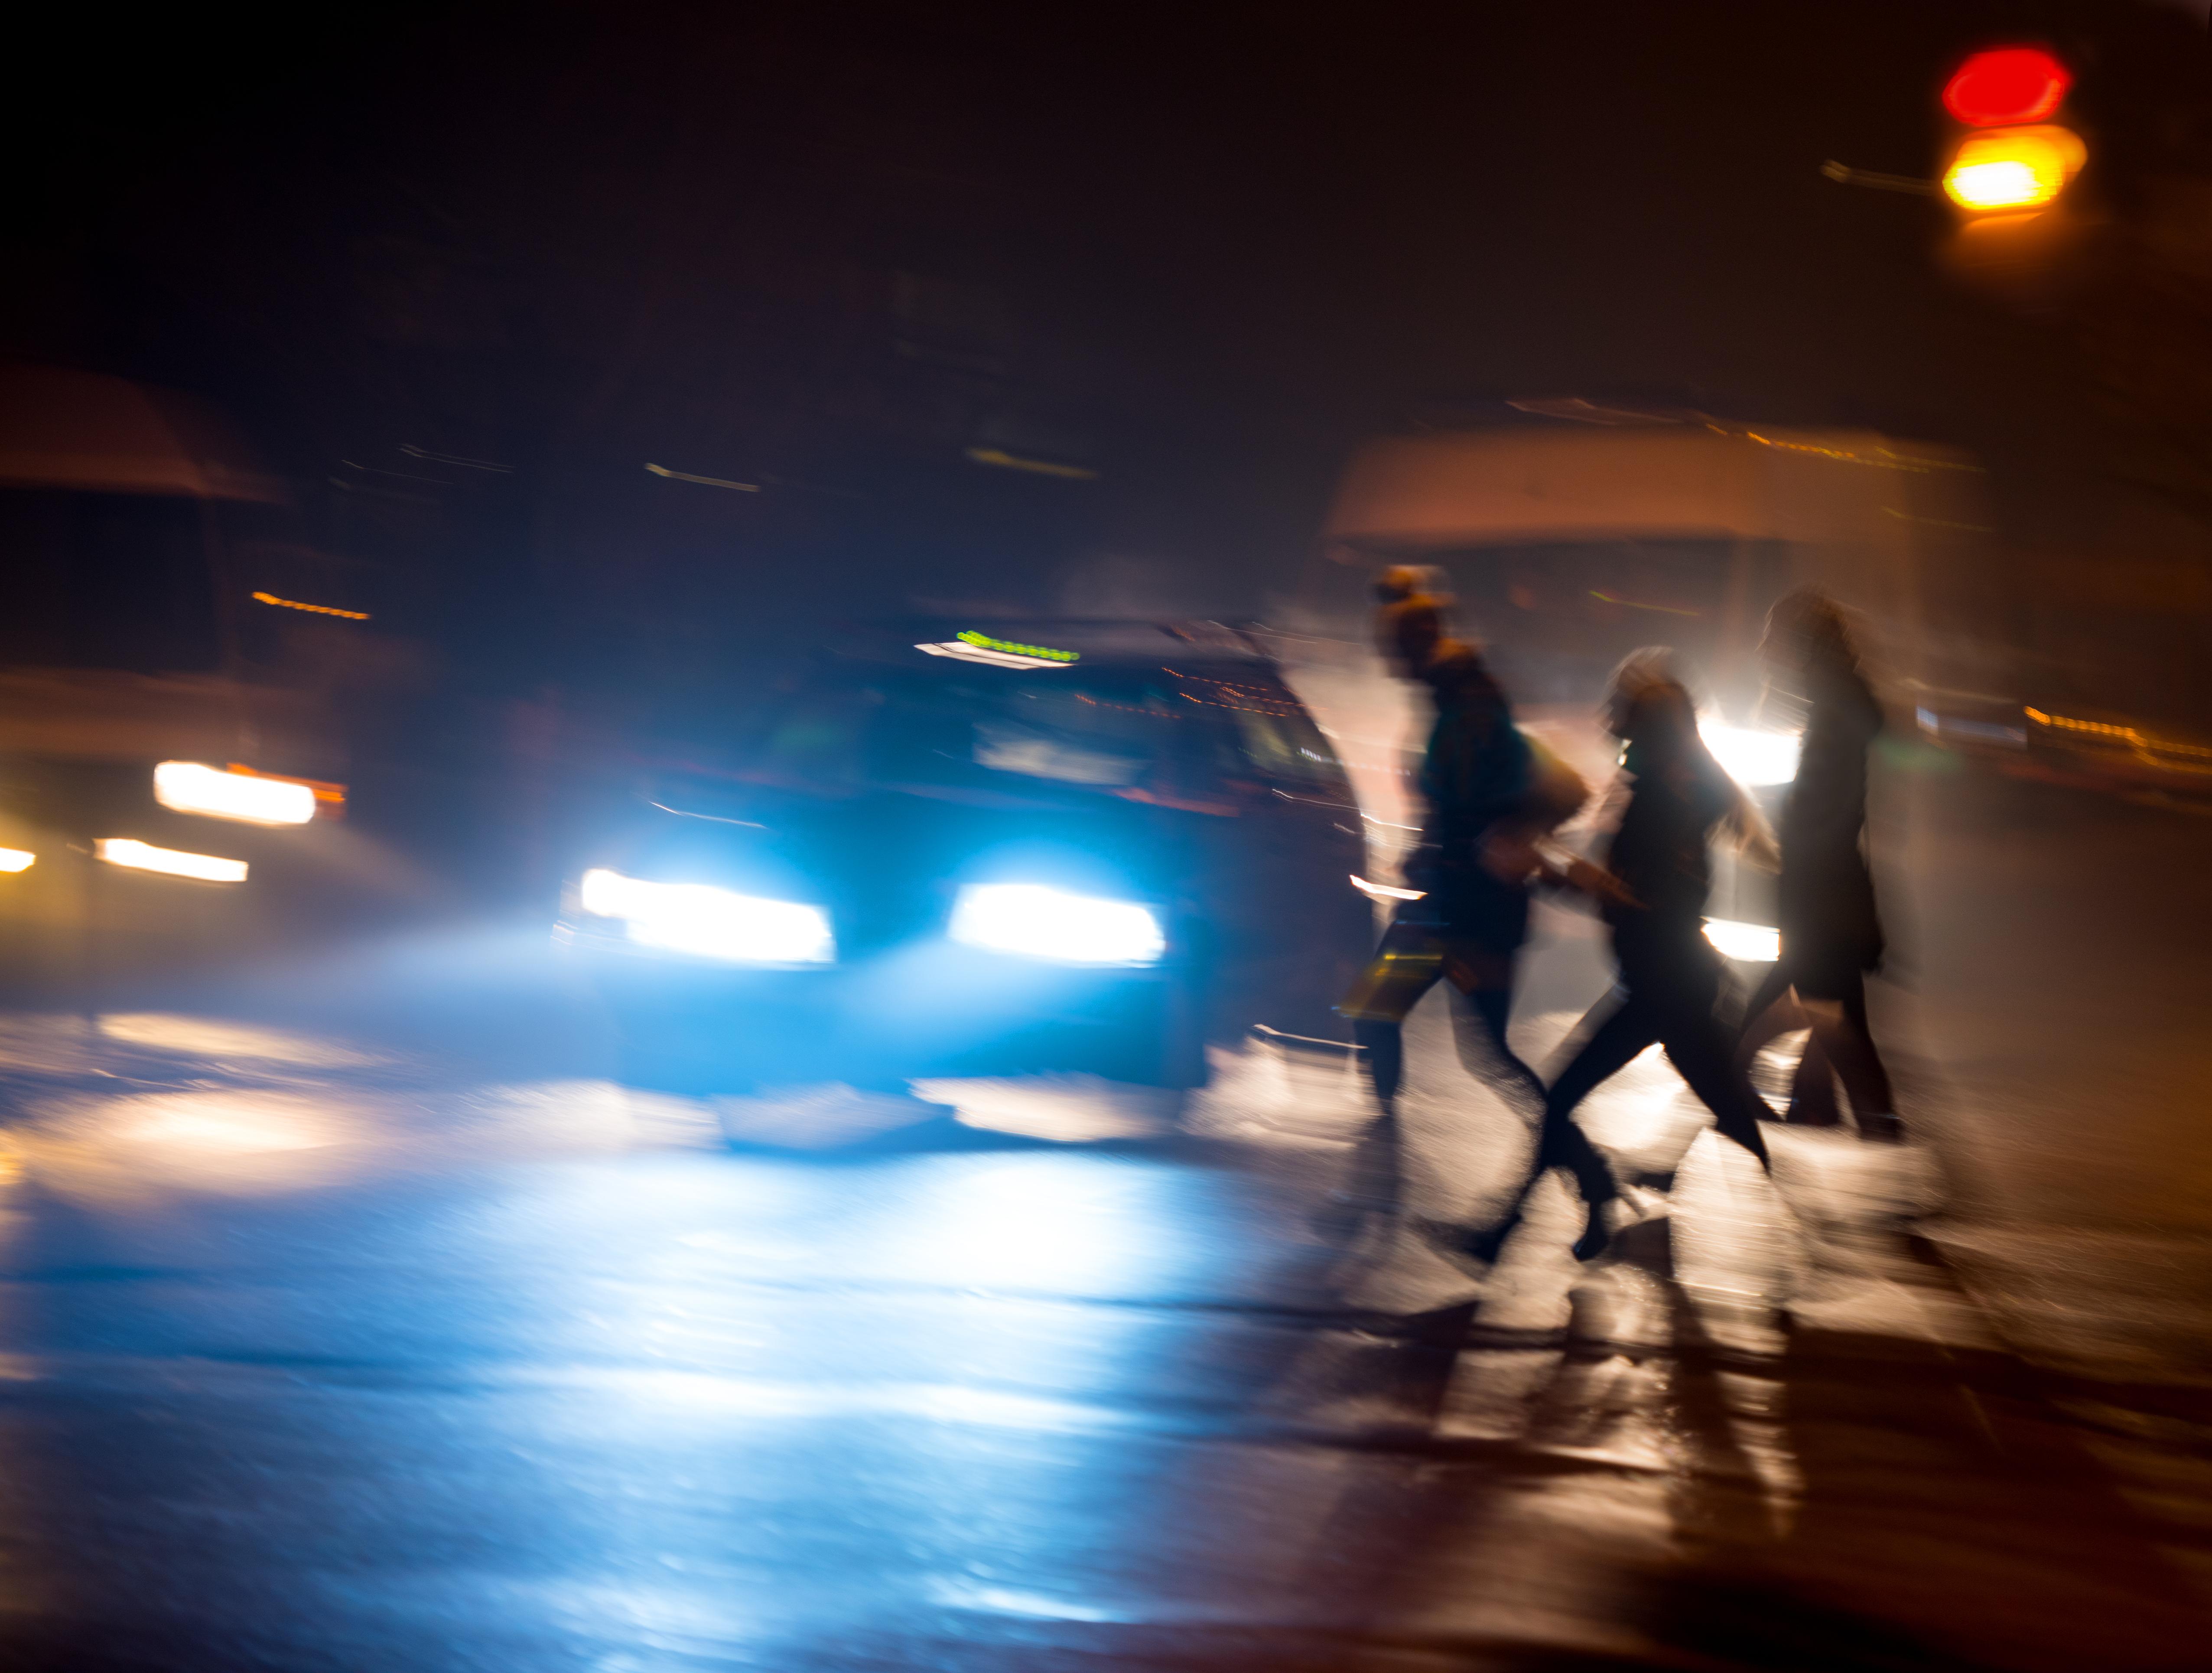 Transportstyrelsen har studerat sommar- och vintertidens betydelse för gåendes trafiksäkerhet genom att analysera olycksstatistik.